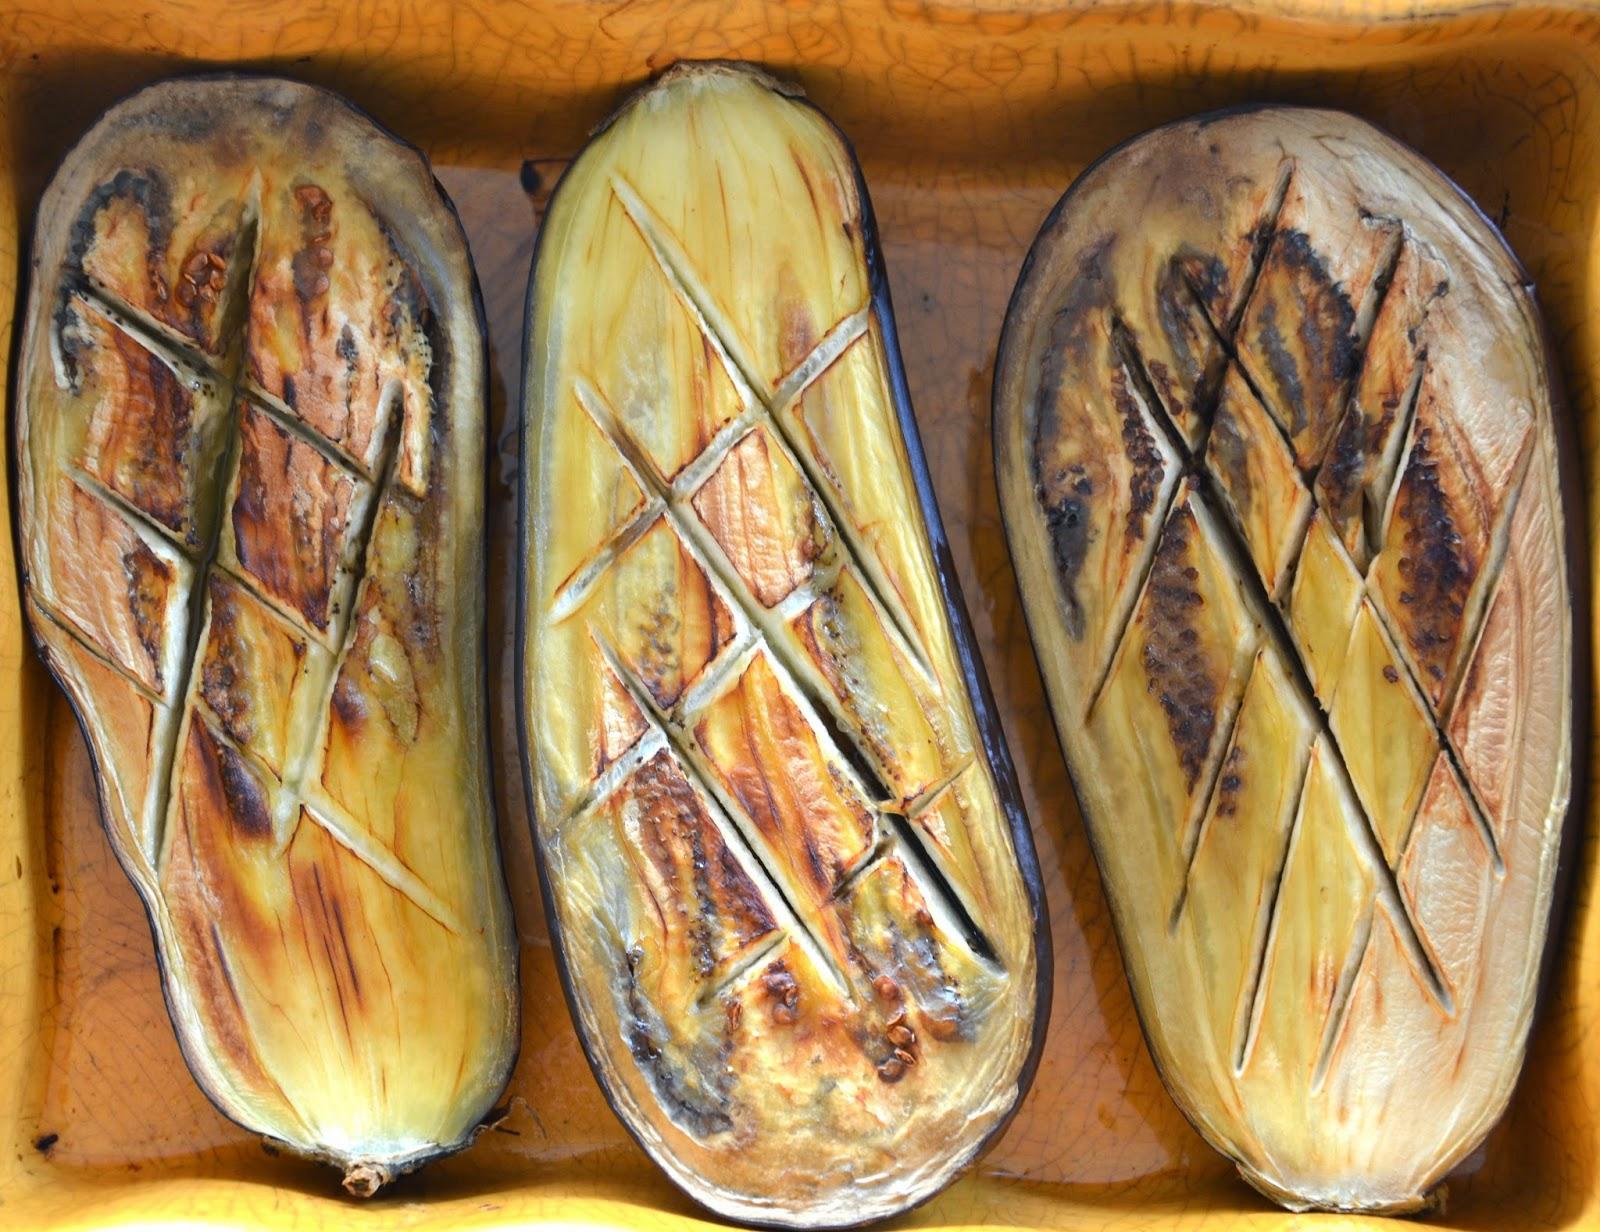 http://lesamoursperissables.blogspot.fr/2014/07/les-aubergines-roties-au-four.html